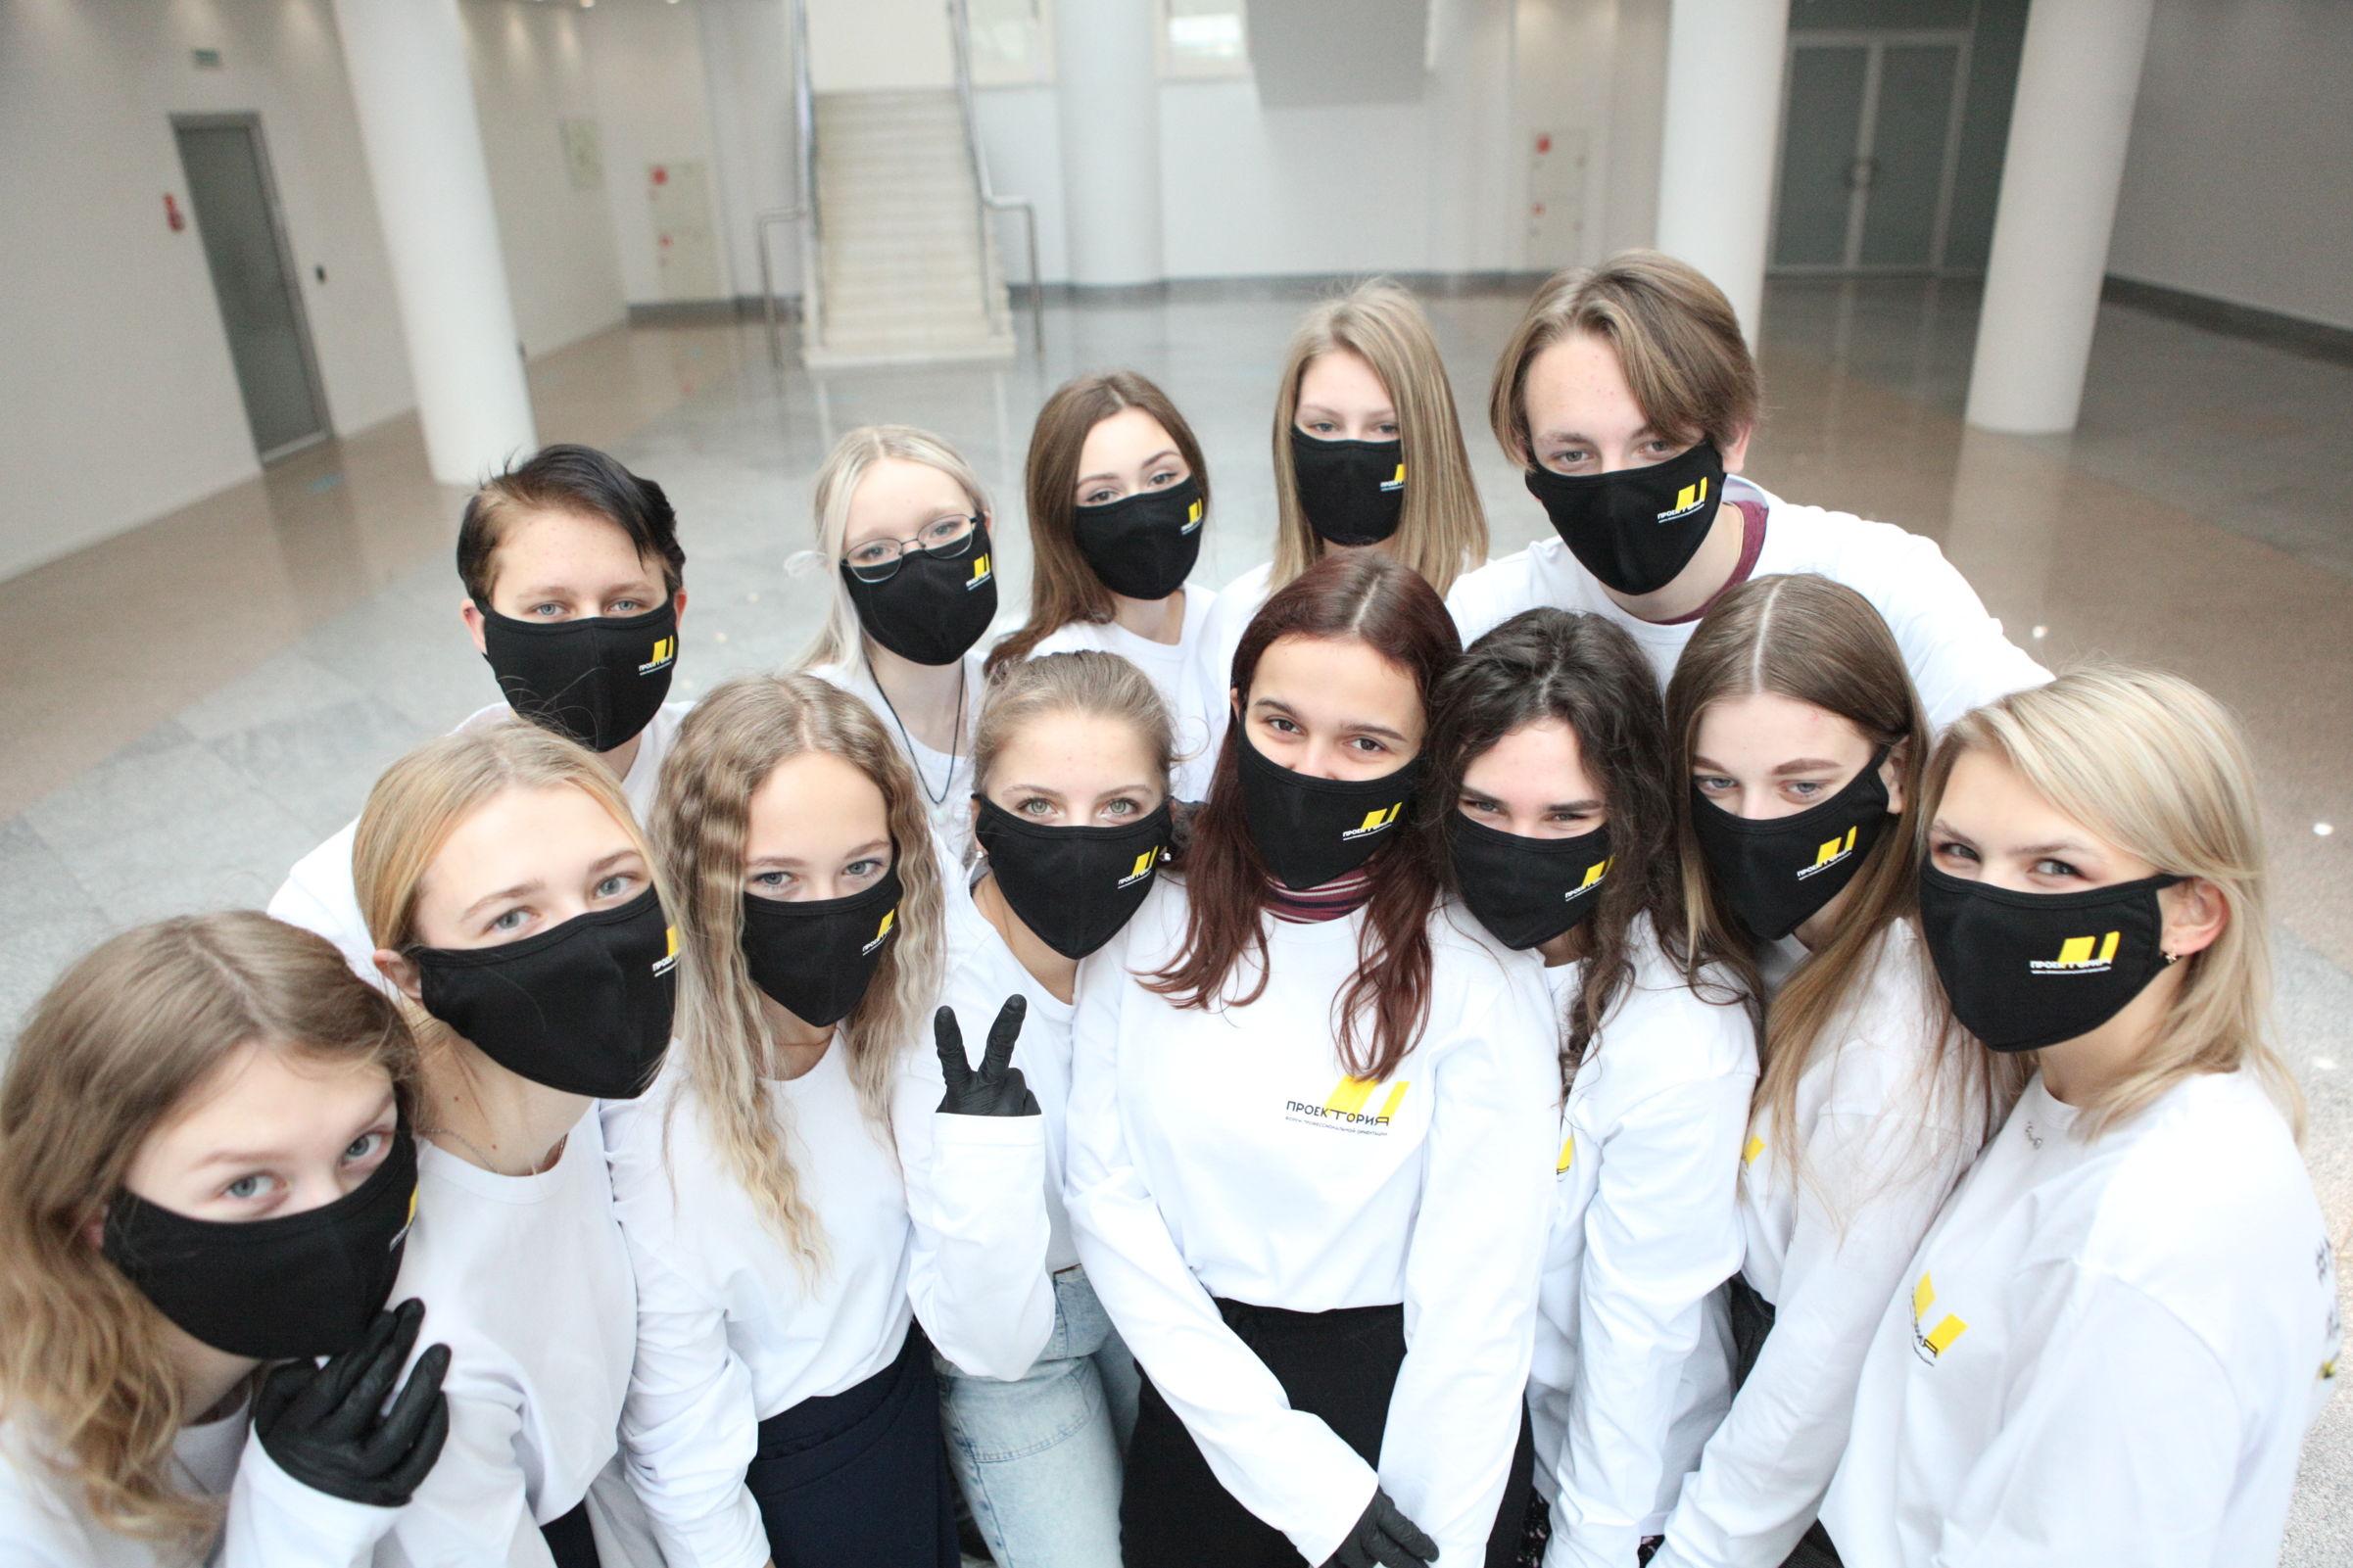 Герои нашего времени. Участники форума «ПроеКТОриЯ» предложили новые способы борьбы с коронавирусом